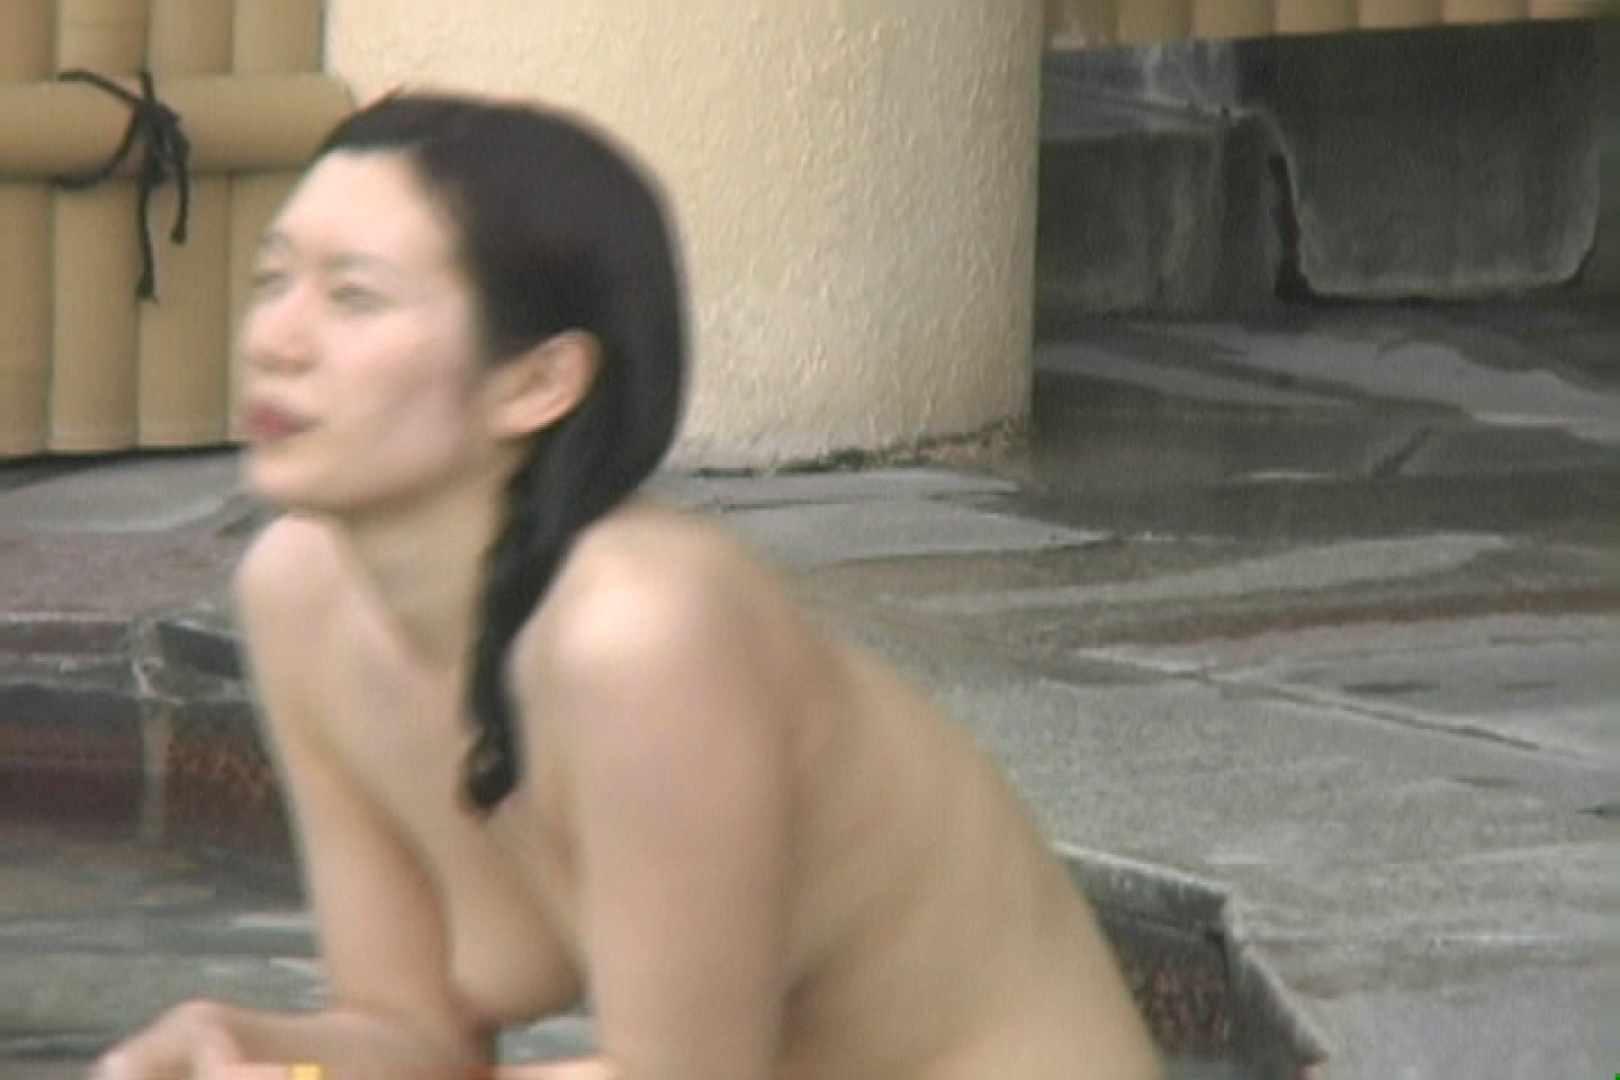 高画質露天女風呂観察 vol.010 高画質  99pic 91